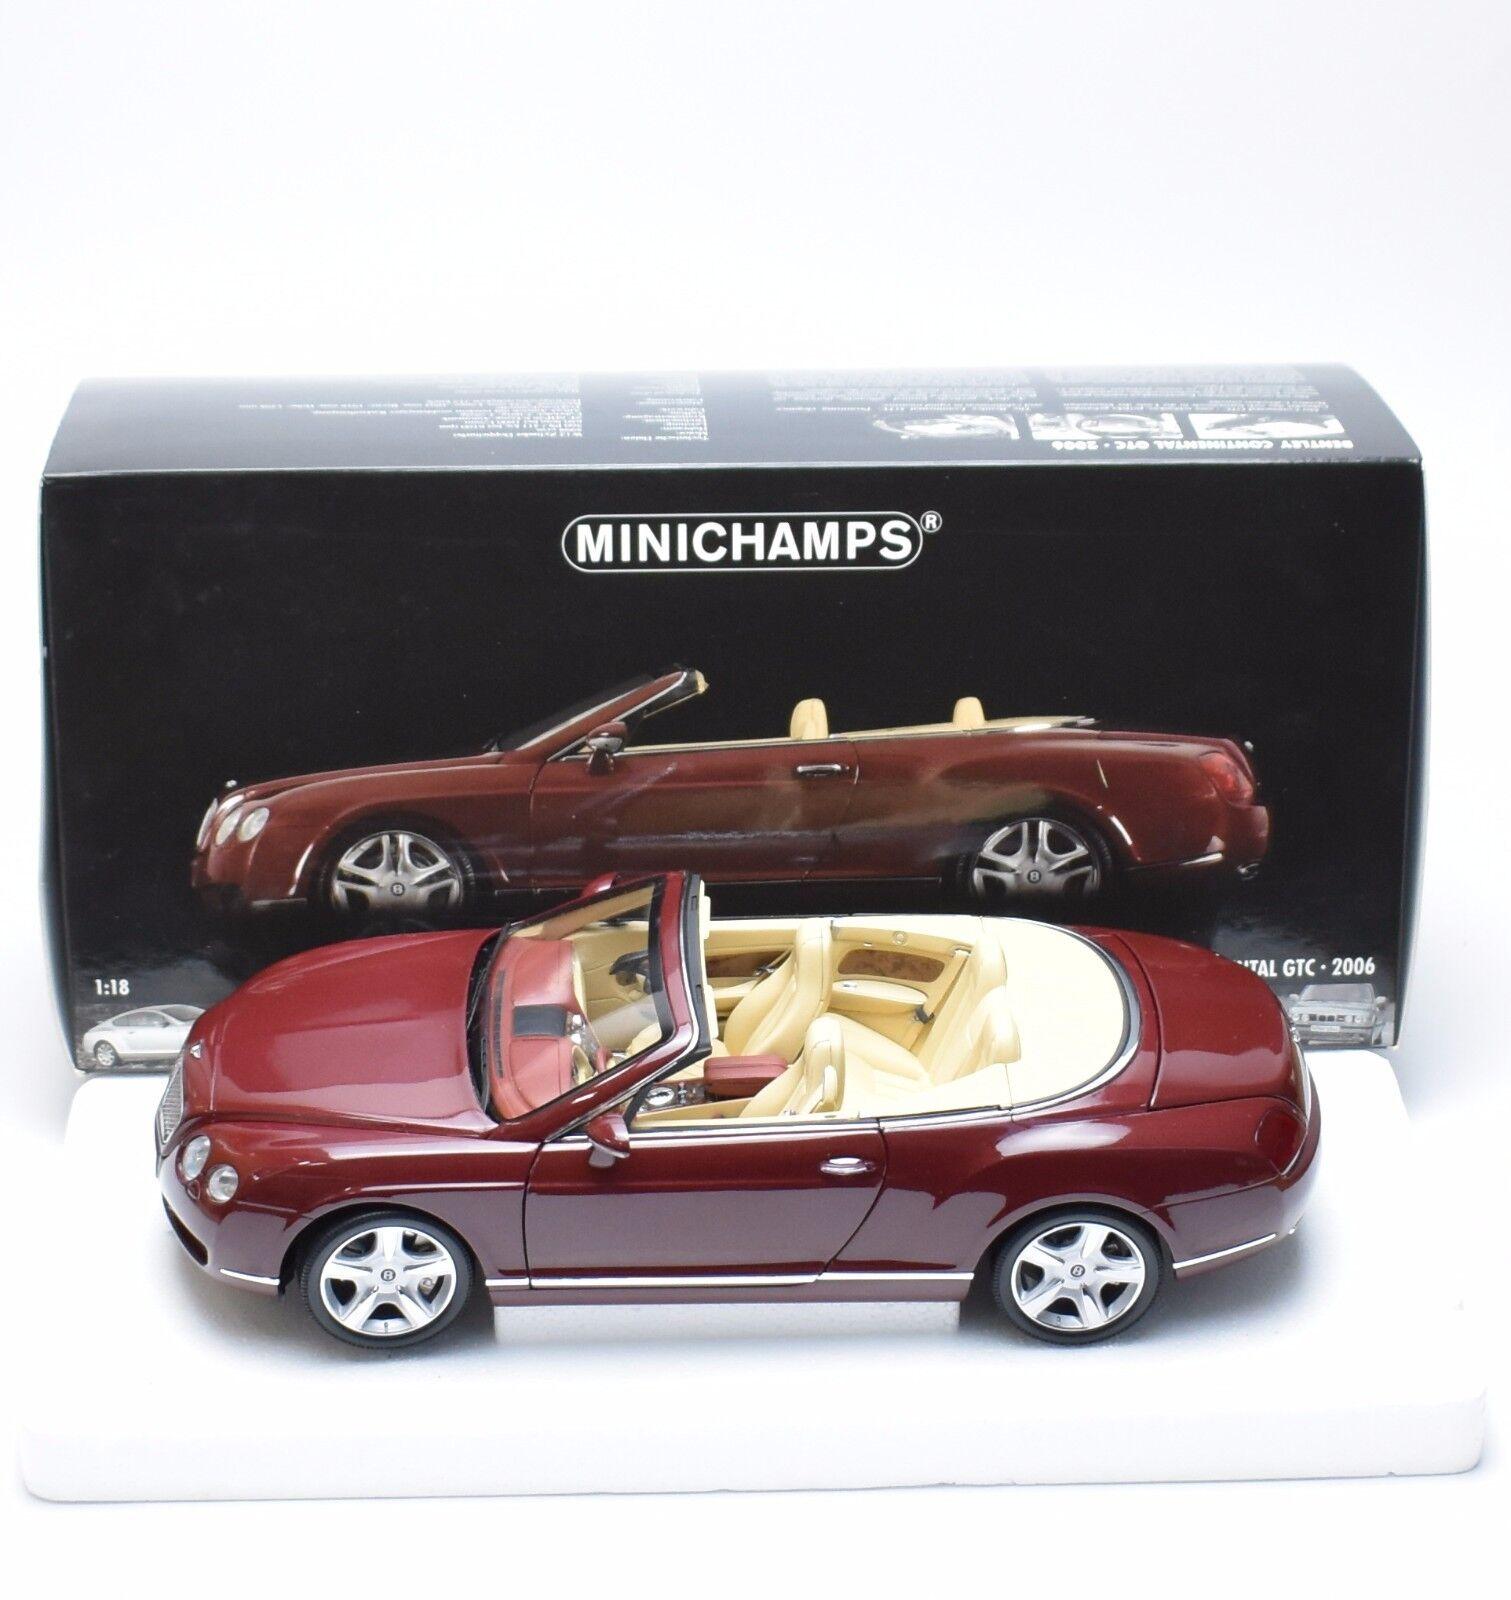 MINICHAMPS  BENTLEY CONTINENTAL GTC Cabriolet Année De Construction 2006, 1 18, NEUF dans sa boîte, k031  Commandez maintenant